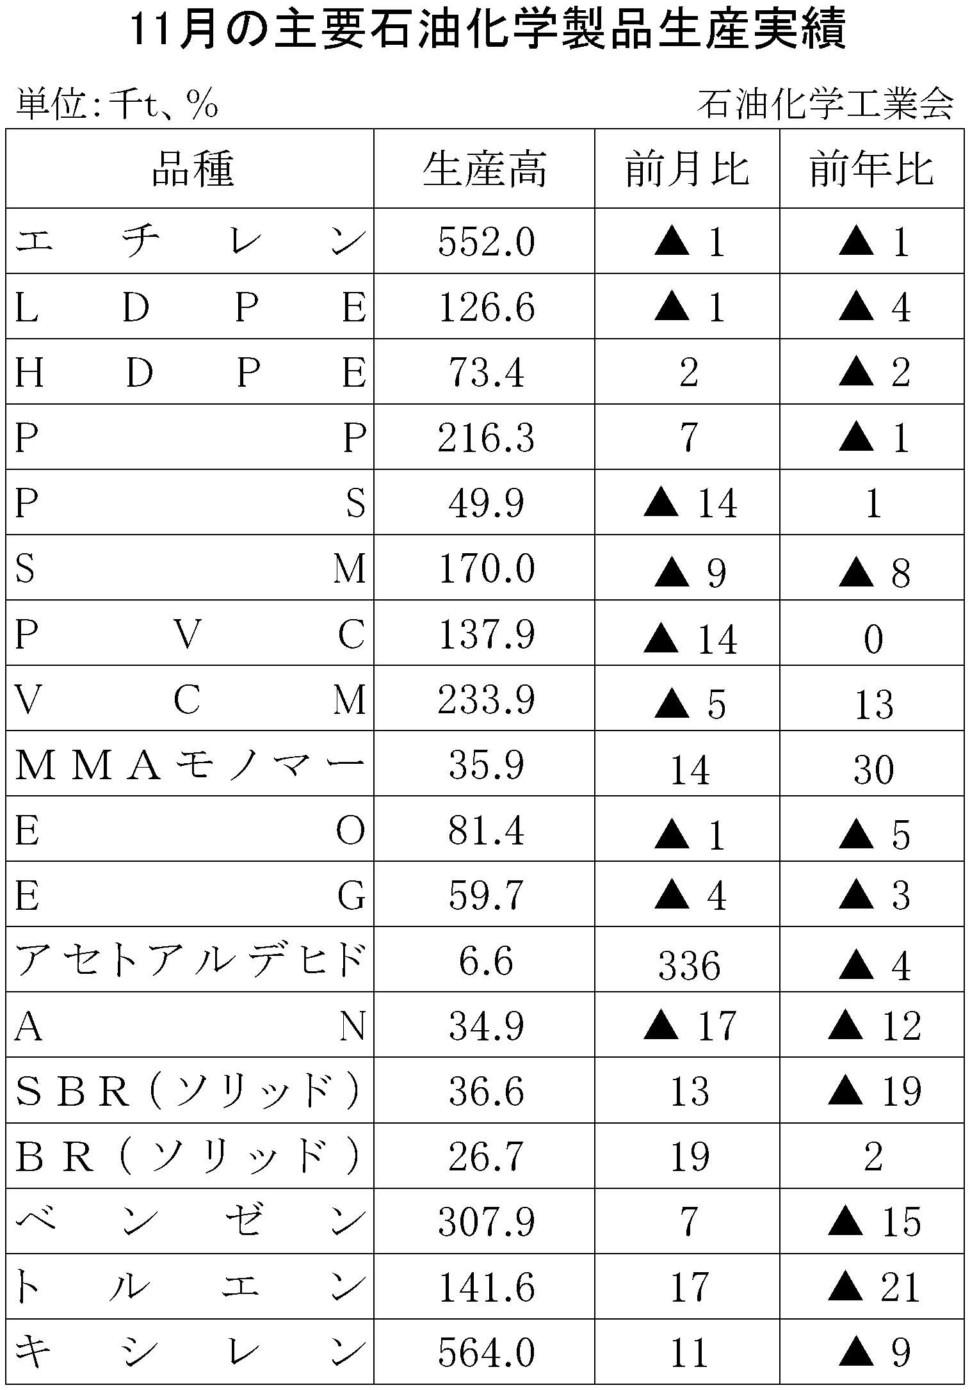 11月の主要石油化学製品生産実績